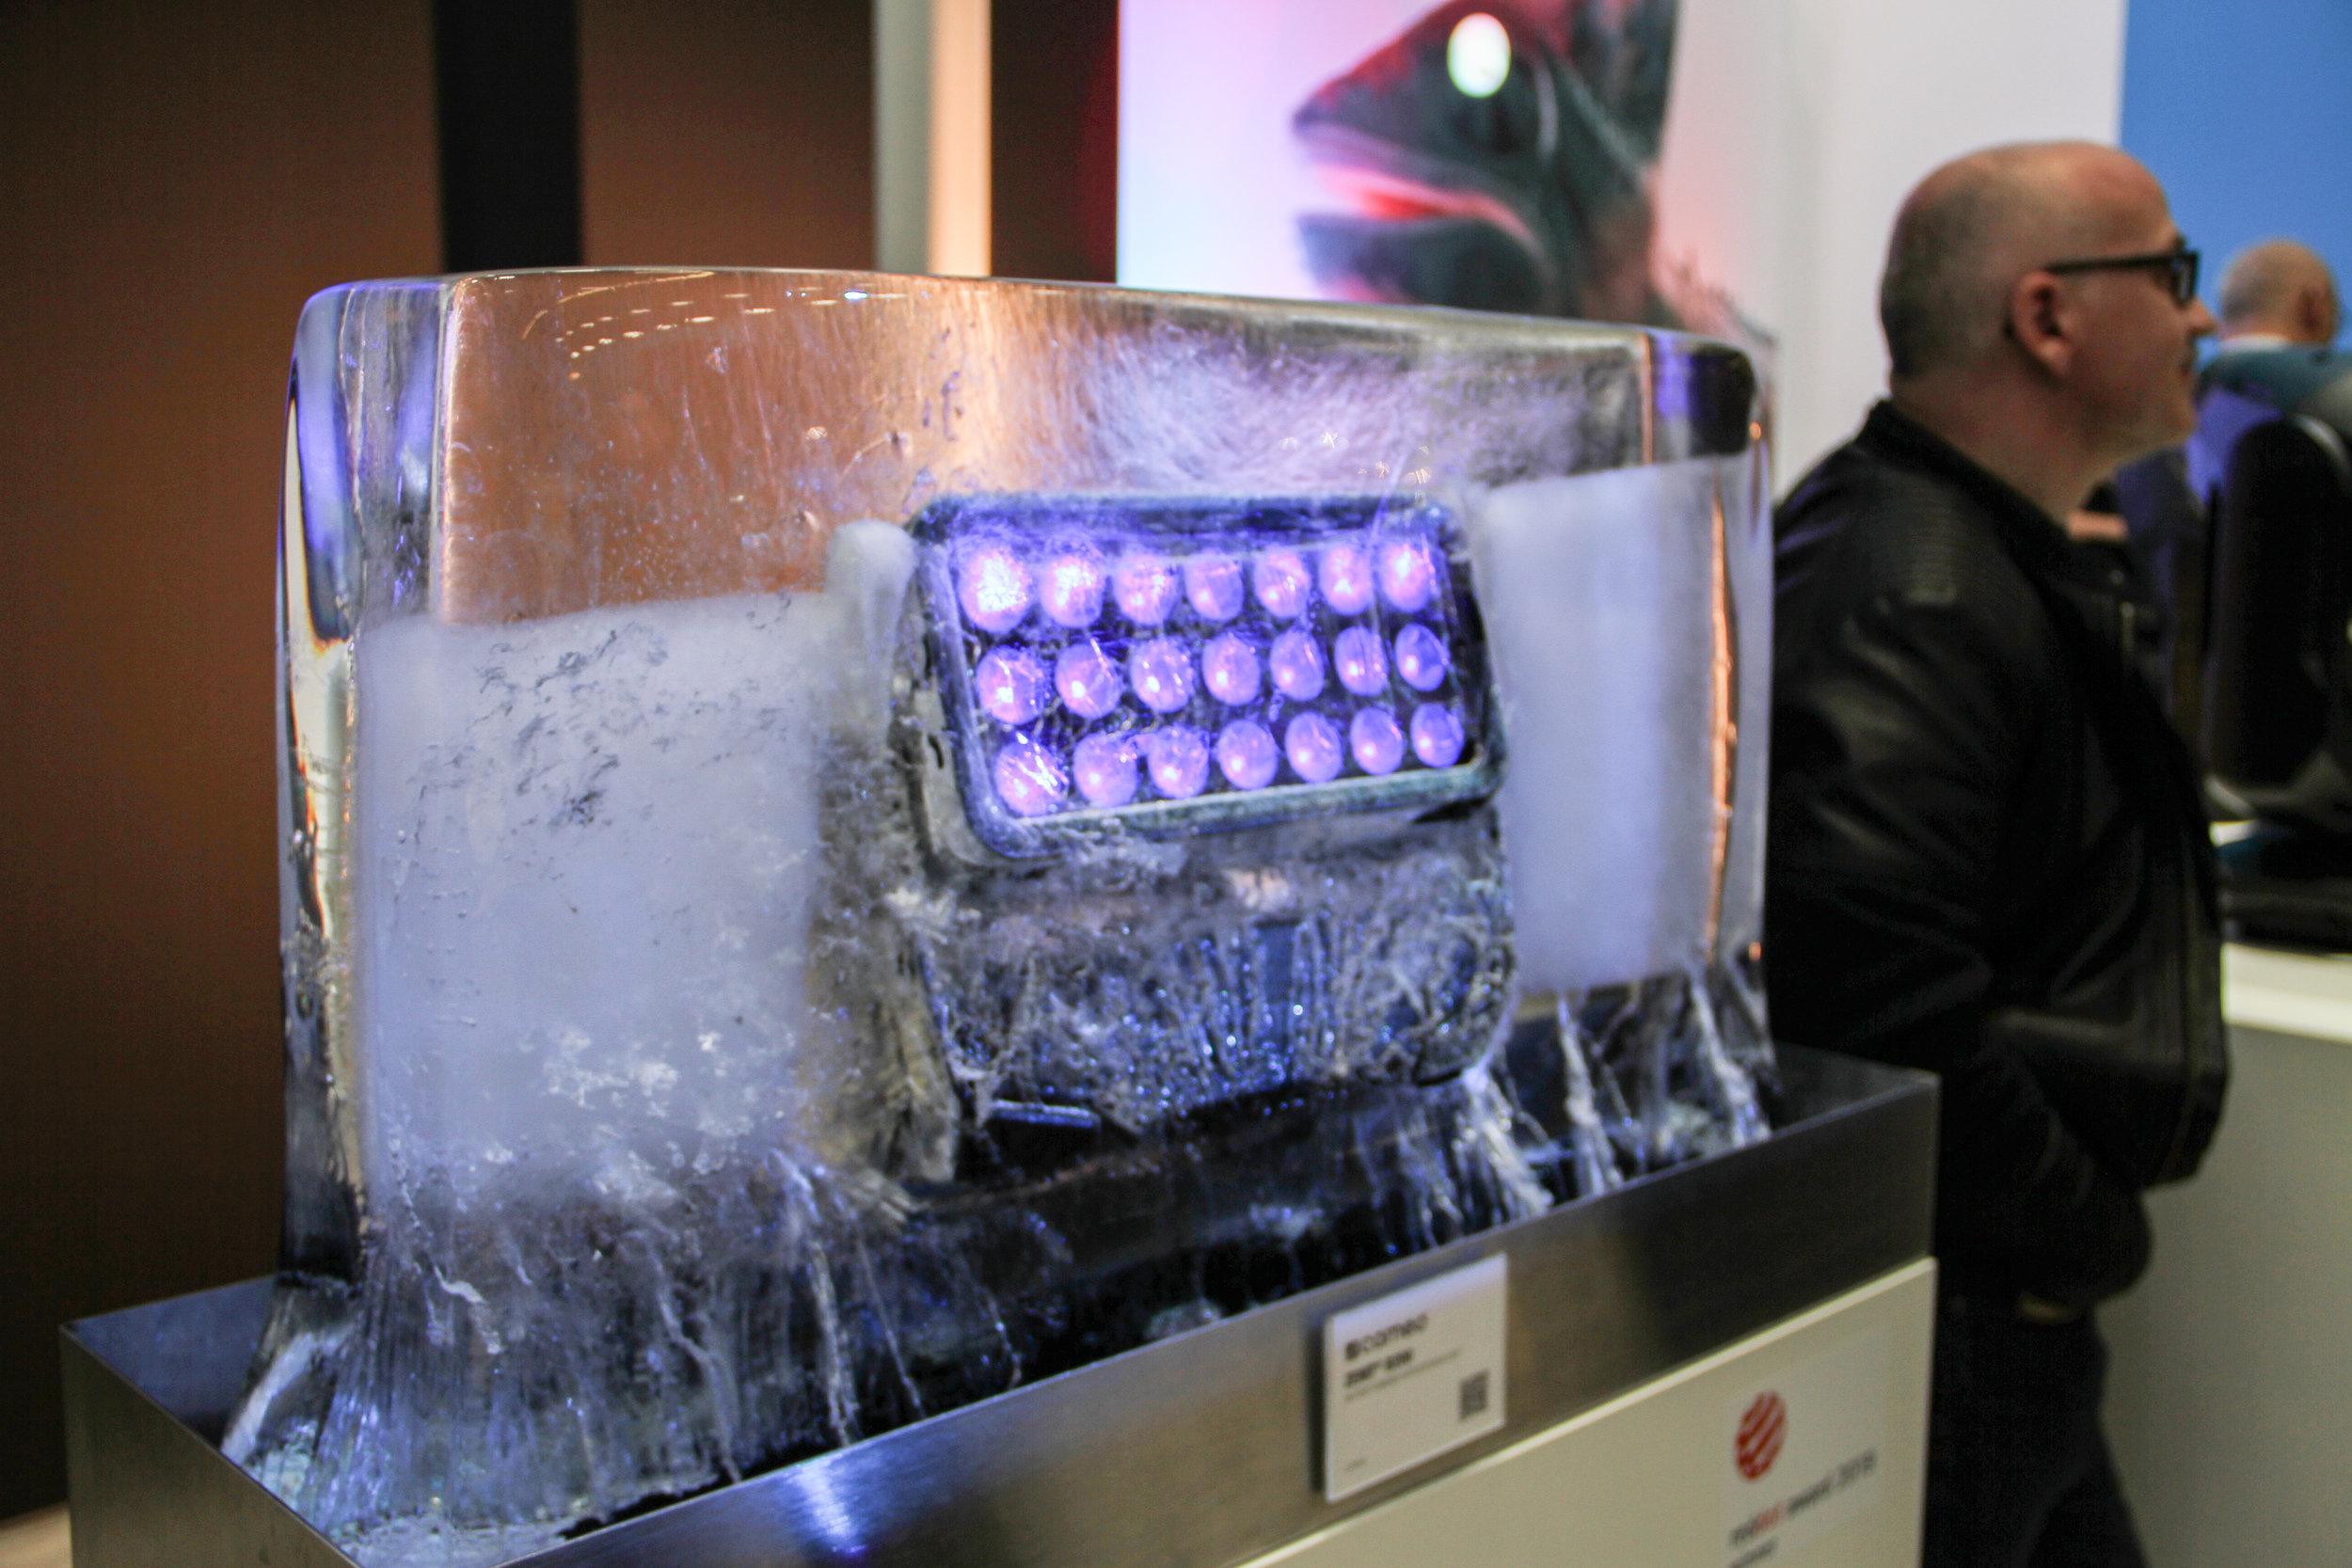 Adam Hall-ägda Cameos nya wash-fixtur Zenit W300 – här infrusen i ett isblock för att demonstrera IP65-klassificeringen.